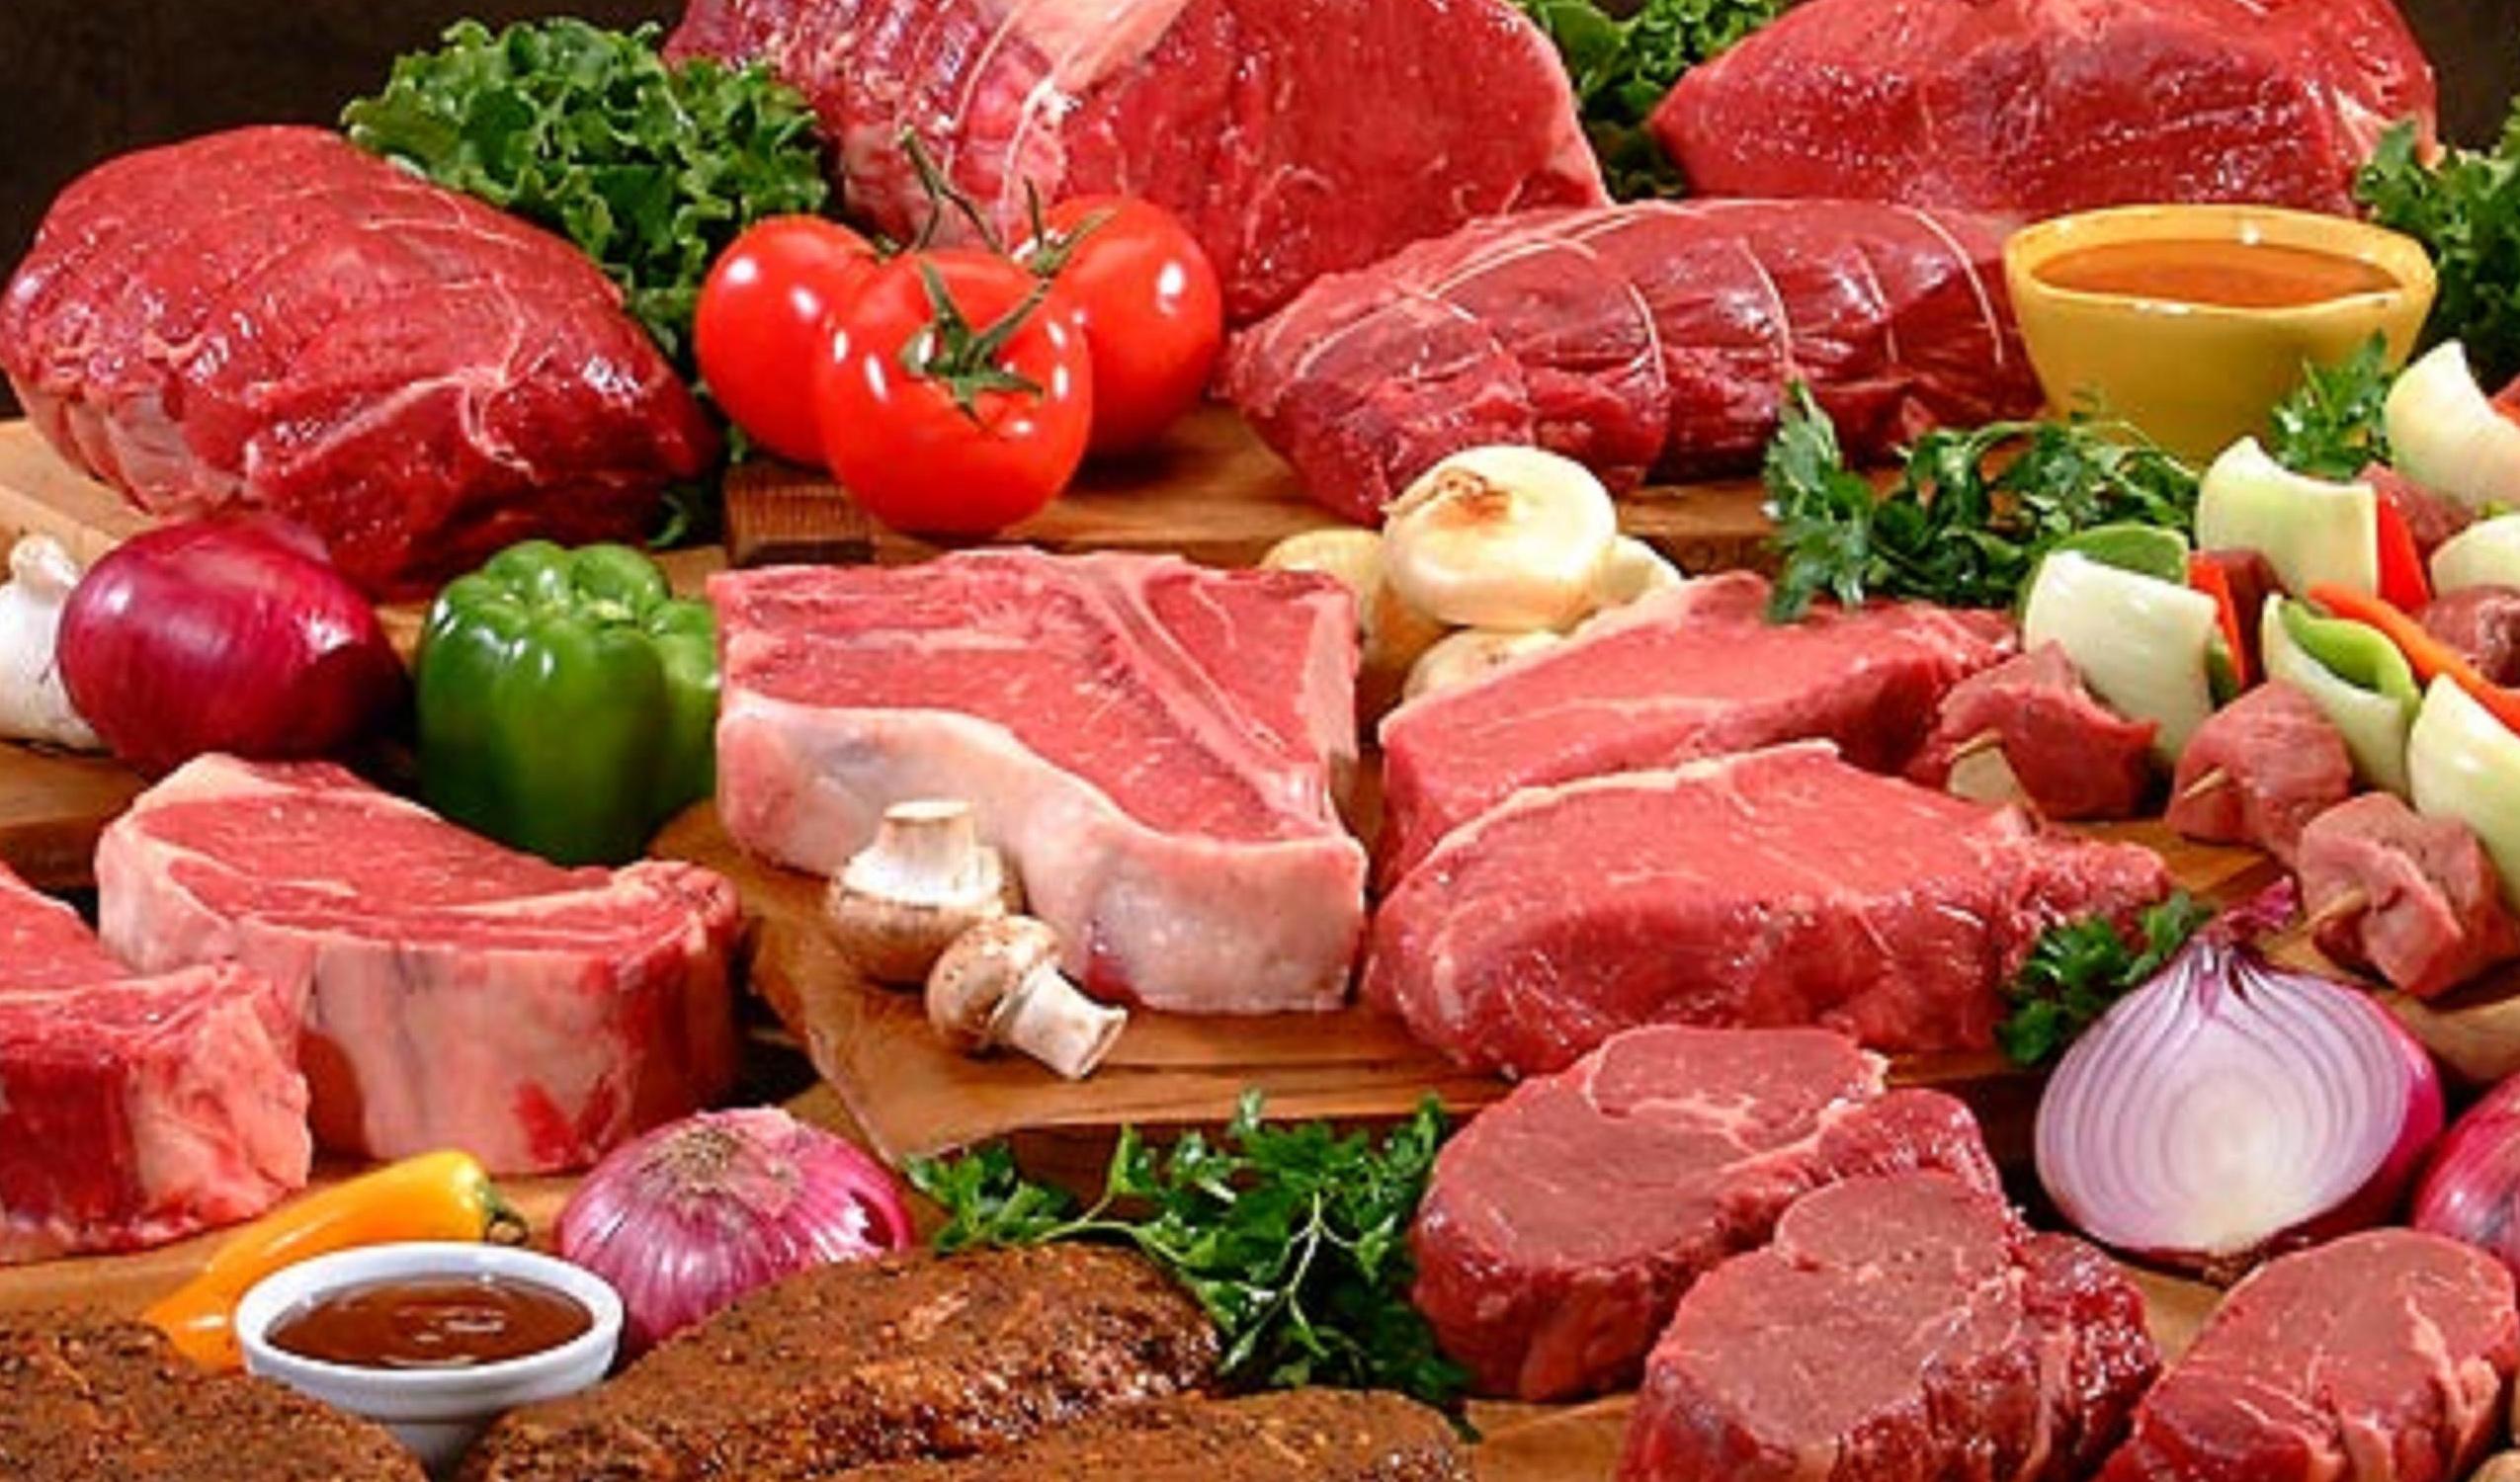 فیضی: میتوانیم گوشت را کیلویی ۵۰ هزار تومان به دست مردم برسانیم